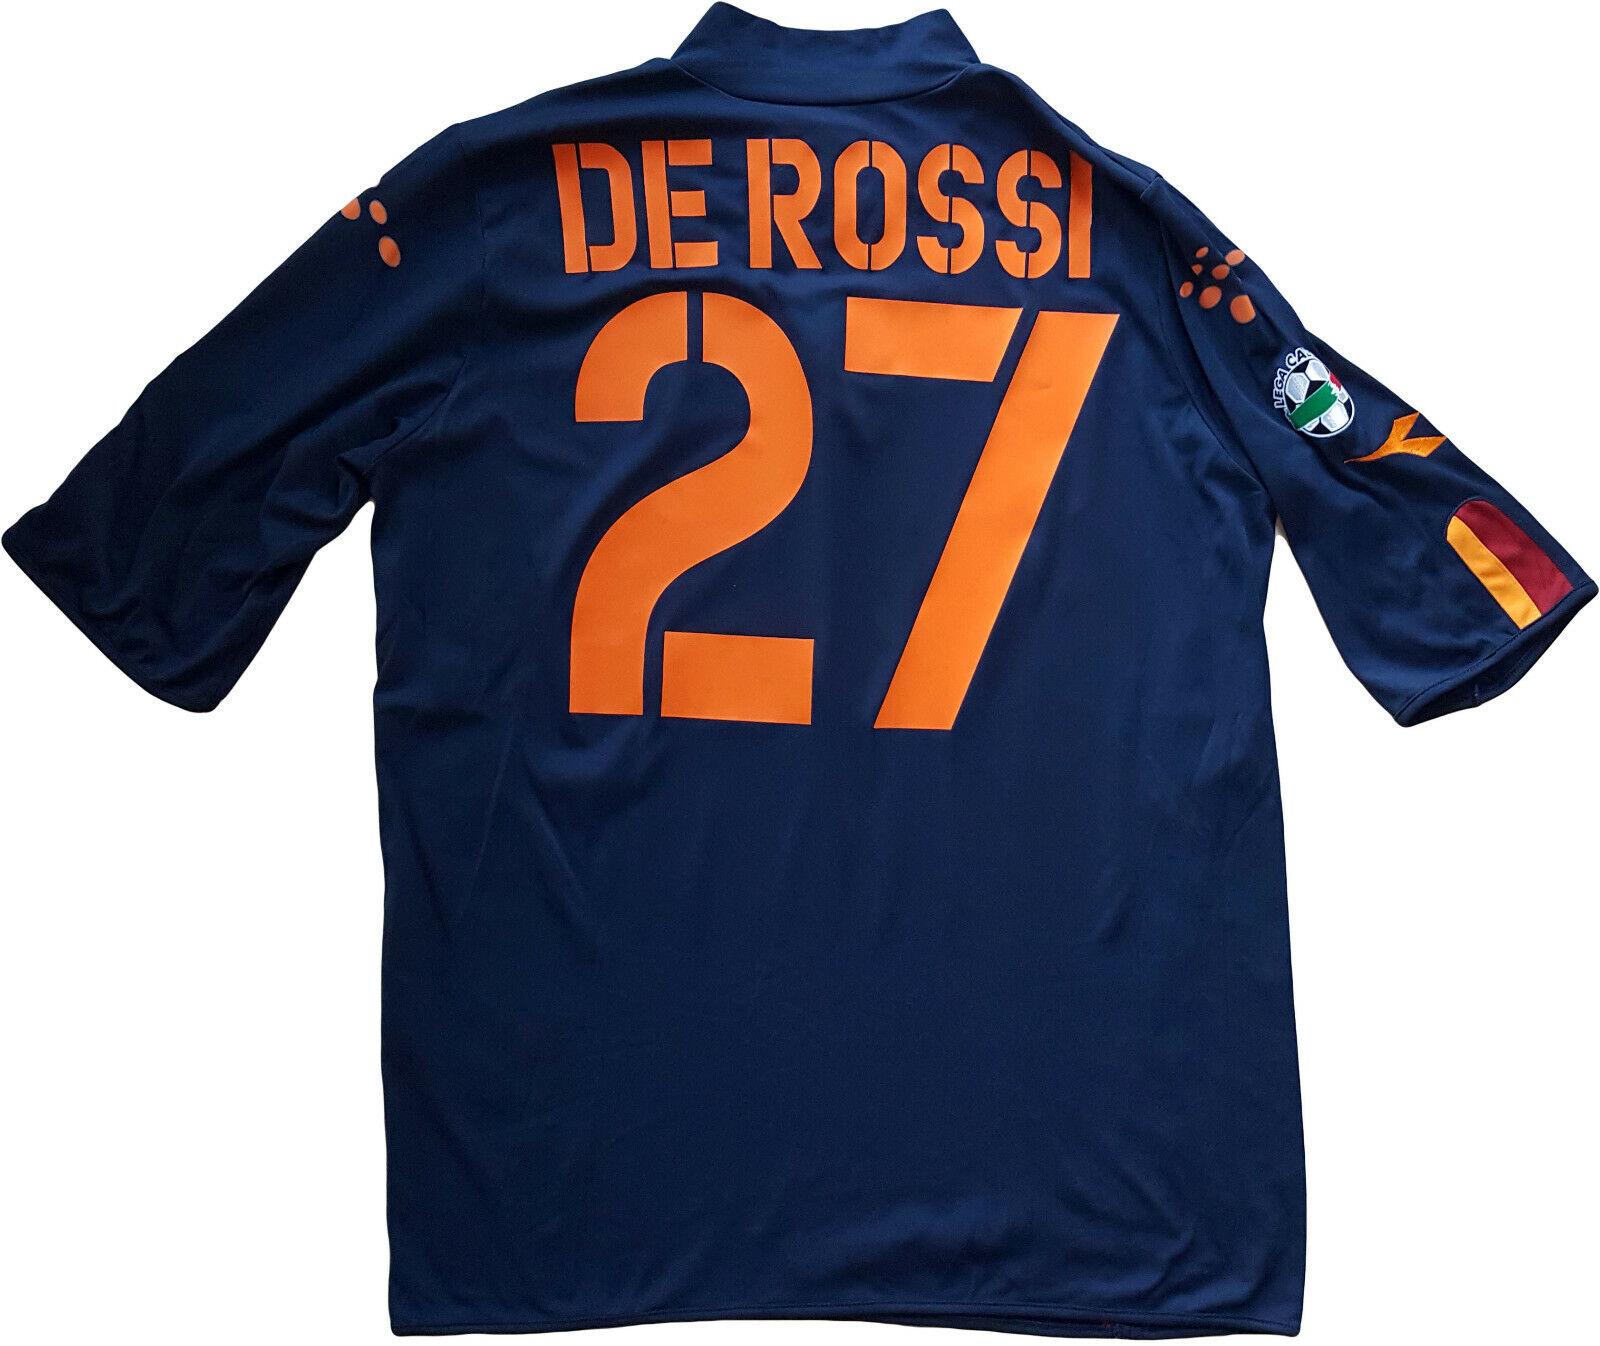 Maglia roma De Rossi 2003 2004 Diadora XL mazda Jersey Away Original UEFA CUP